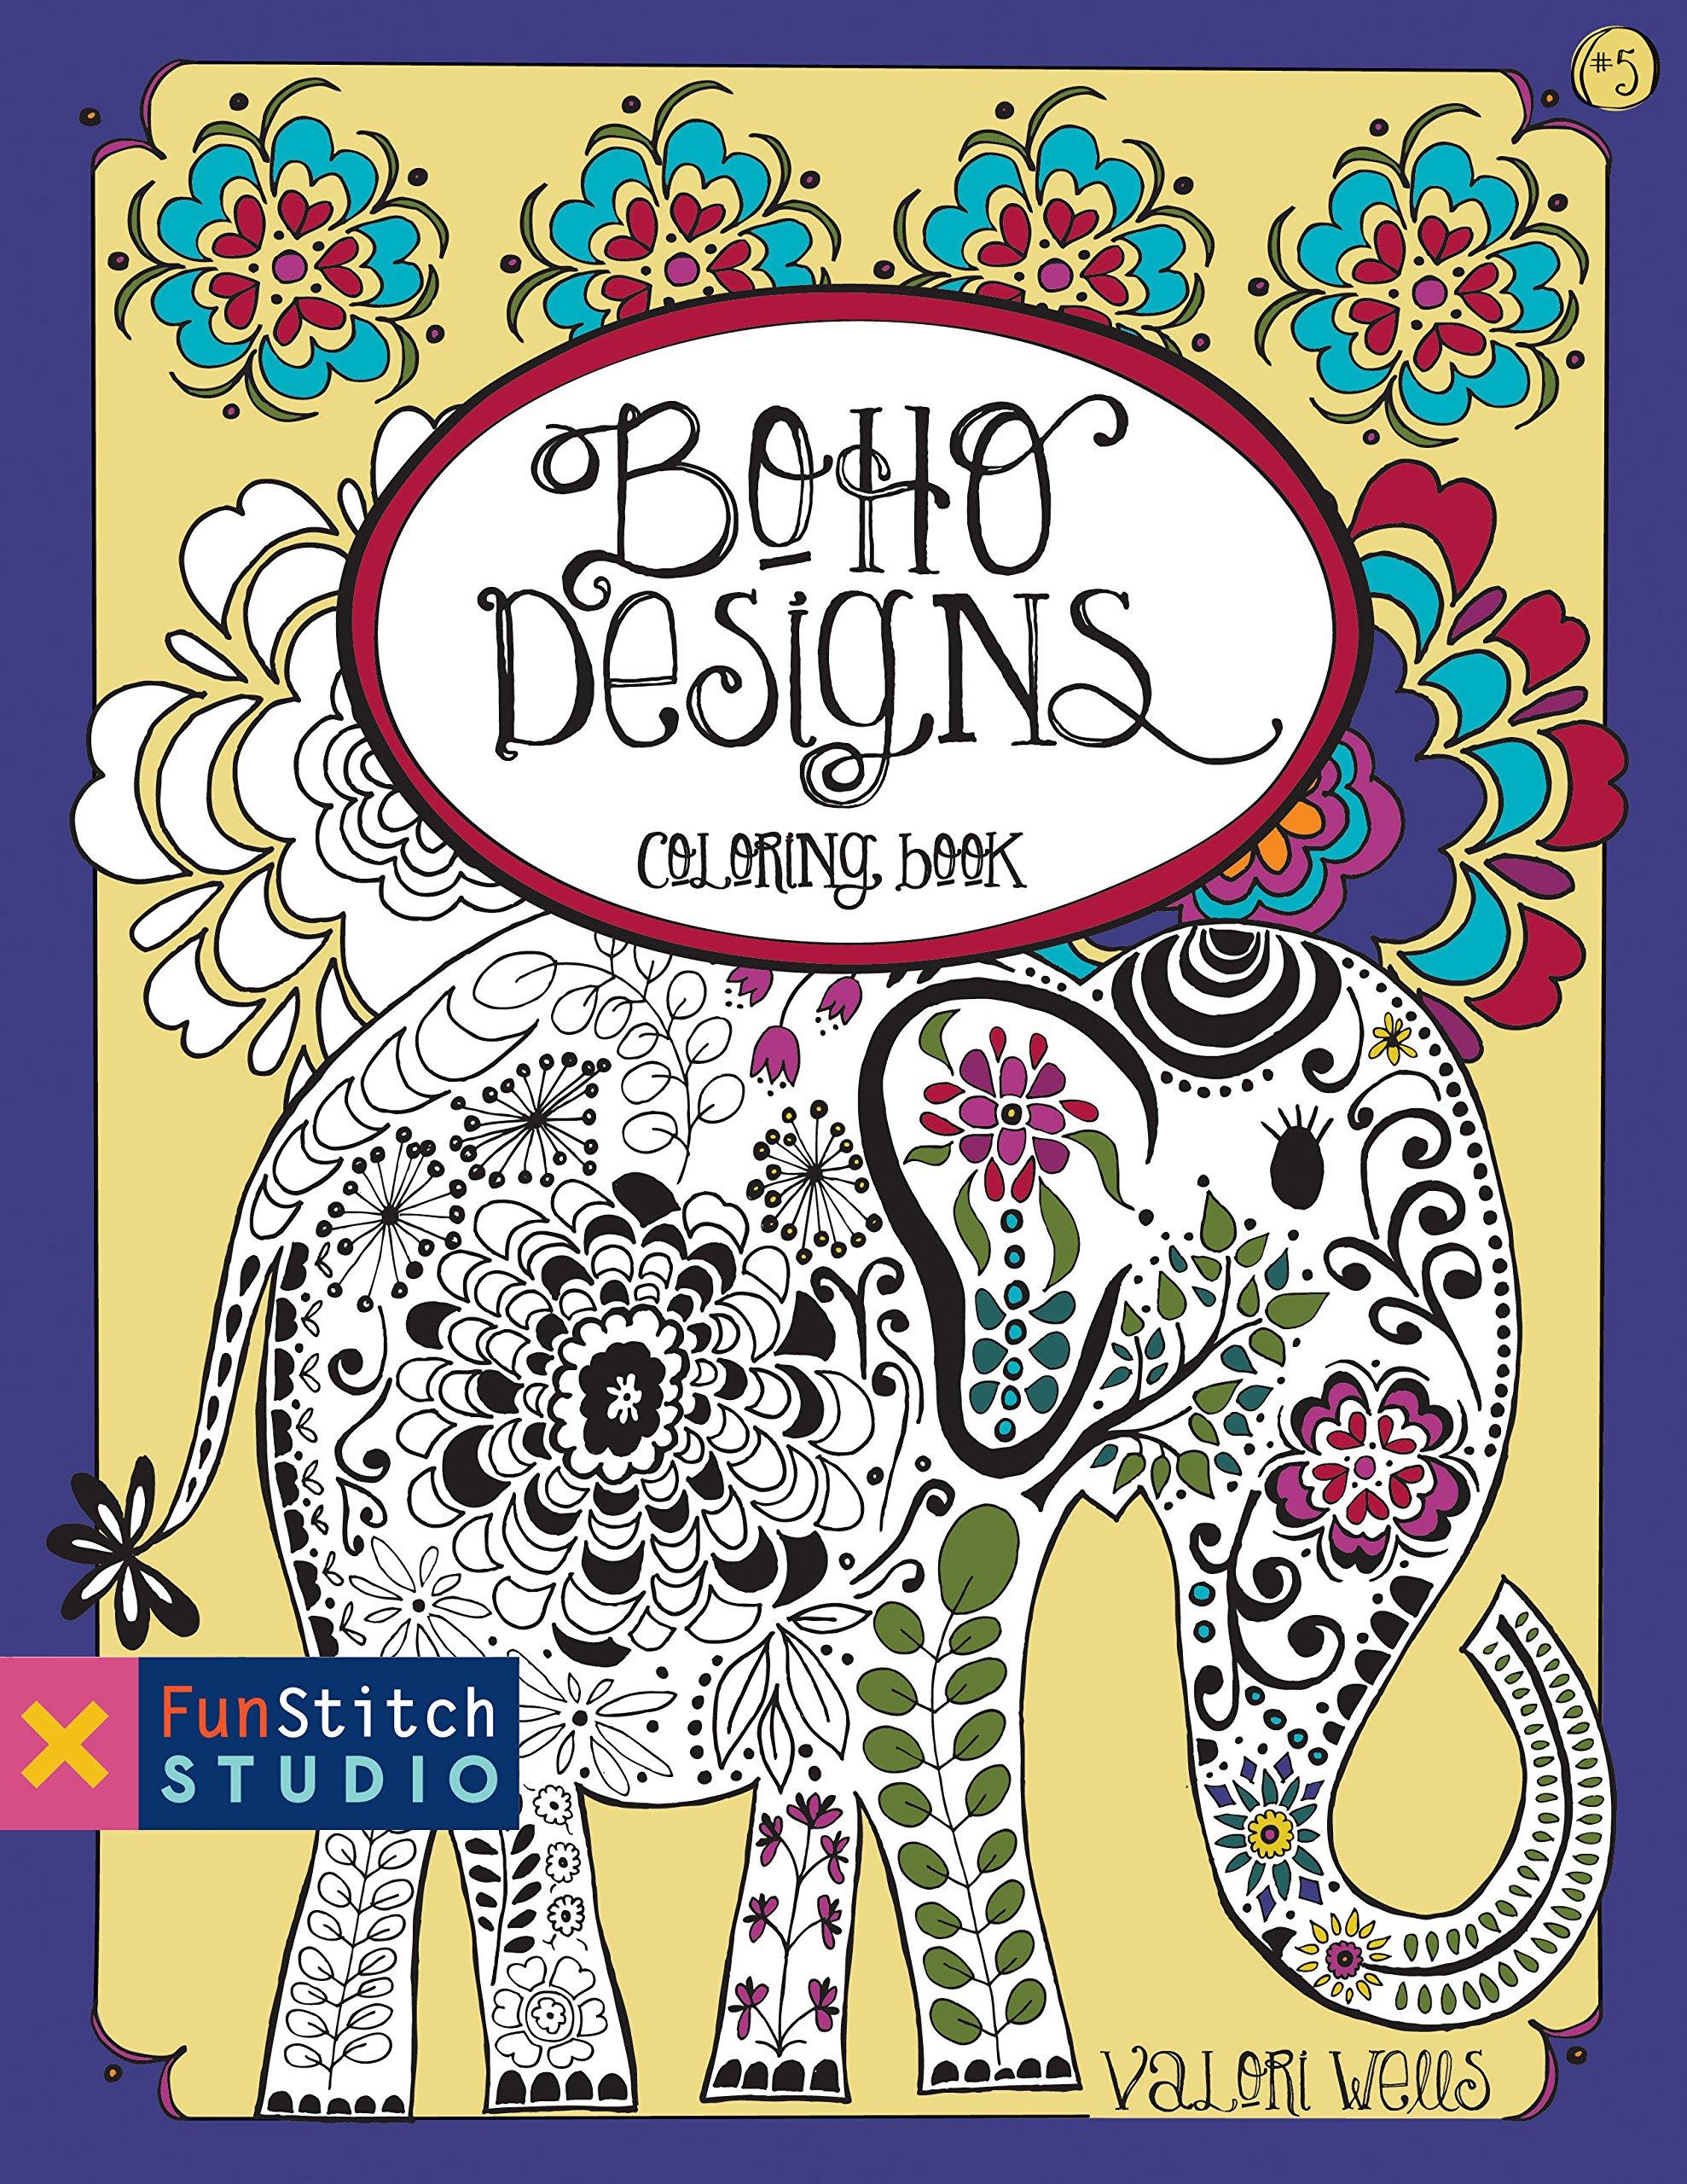 Boho Designs Coloring Book Fun Stitch Studio Valori Wells 9781607059363 Amazon Books